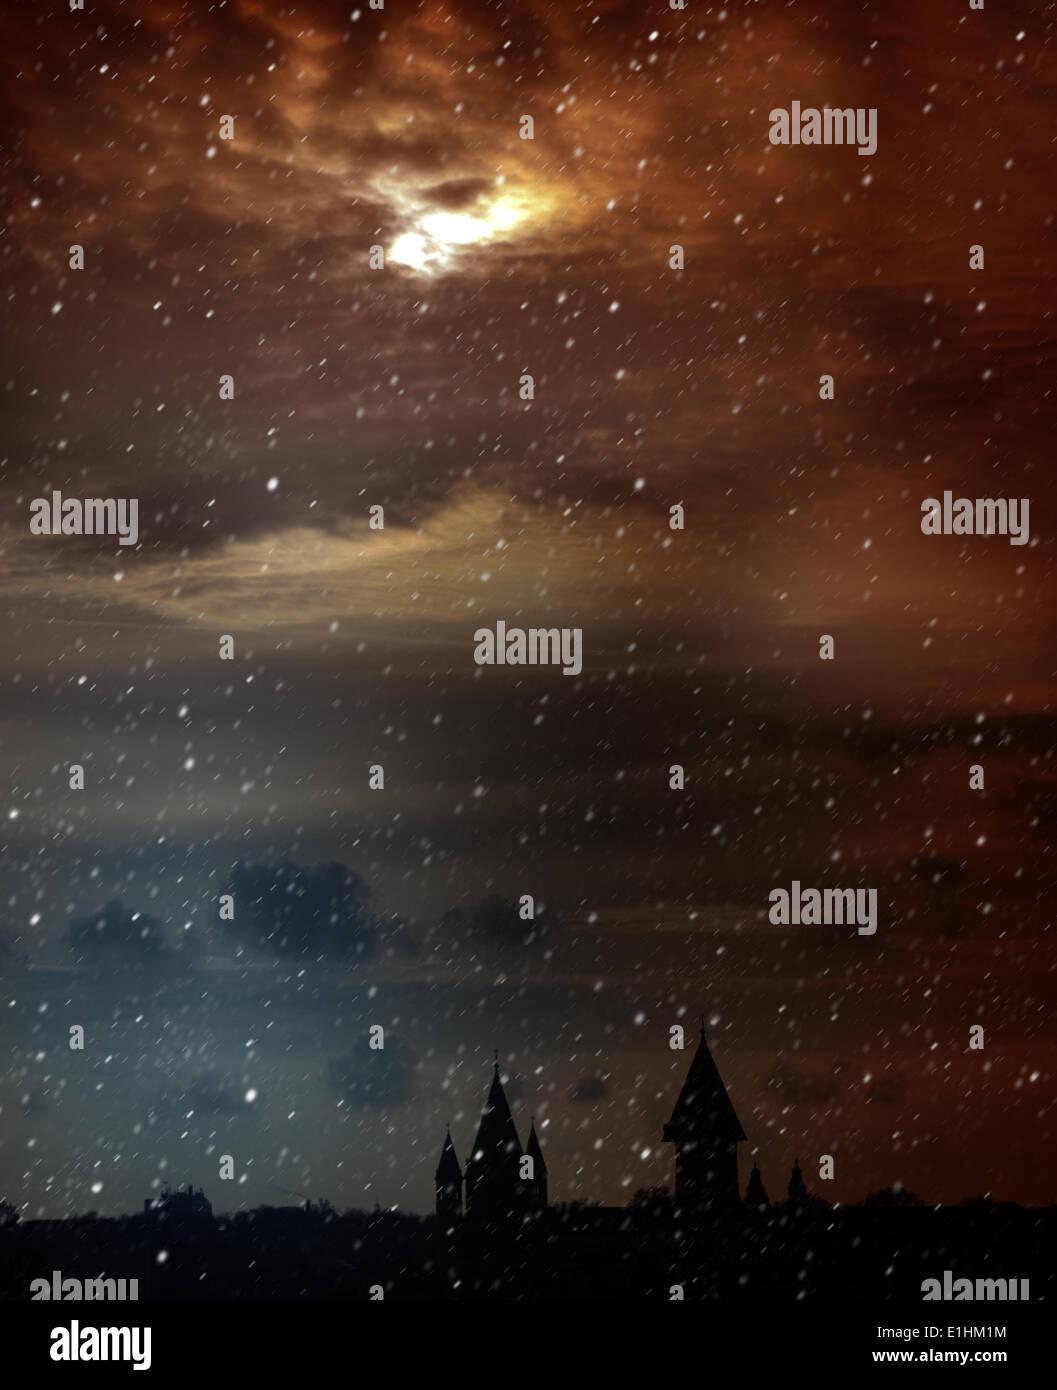 Dämmerung. Geheimnisvolle schöne Landschaft mit gruseligen trübe Mond Stockbild